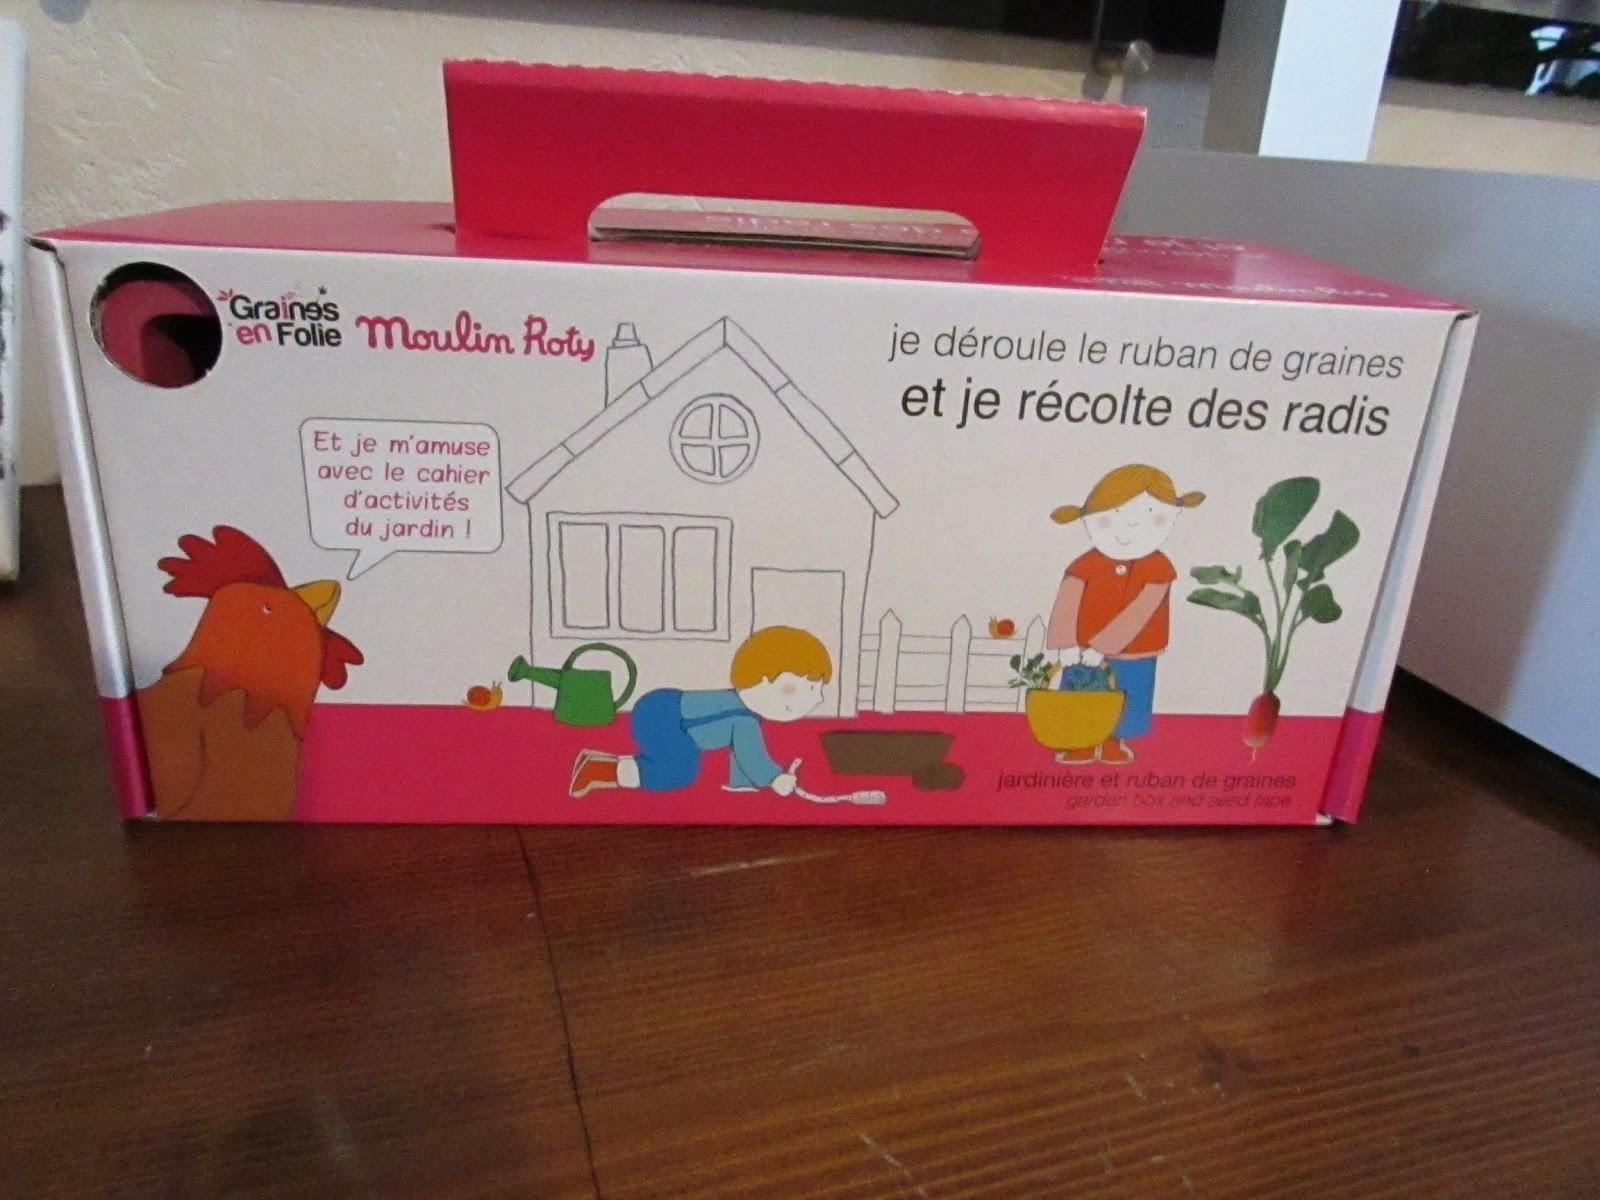 blog de maman deuxfoismaman parent et enfants cultiver des radis facilement avec mon vert. Black Bedroom Furniture Sets. Home Design Ideas